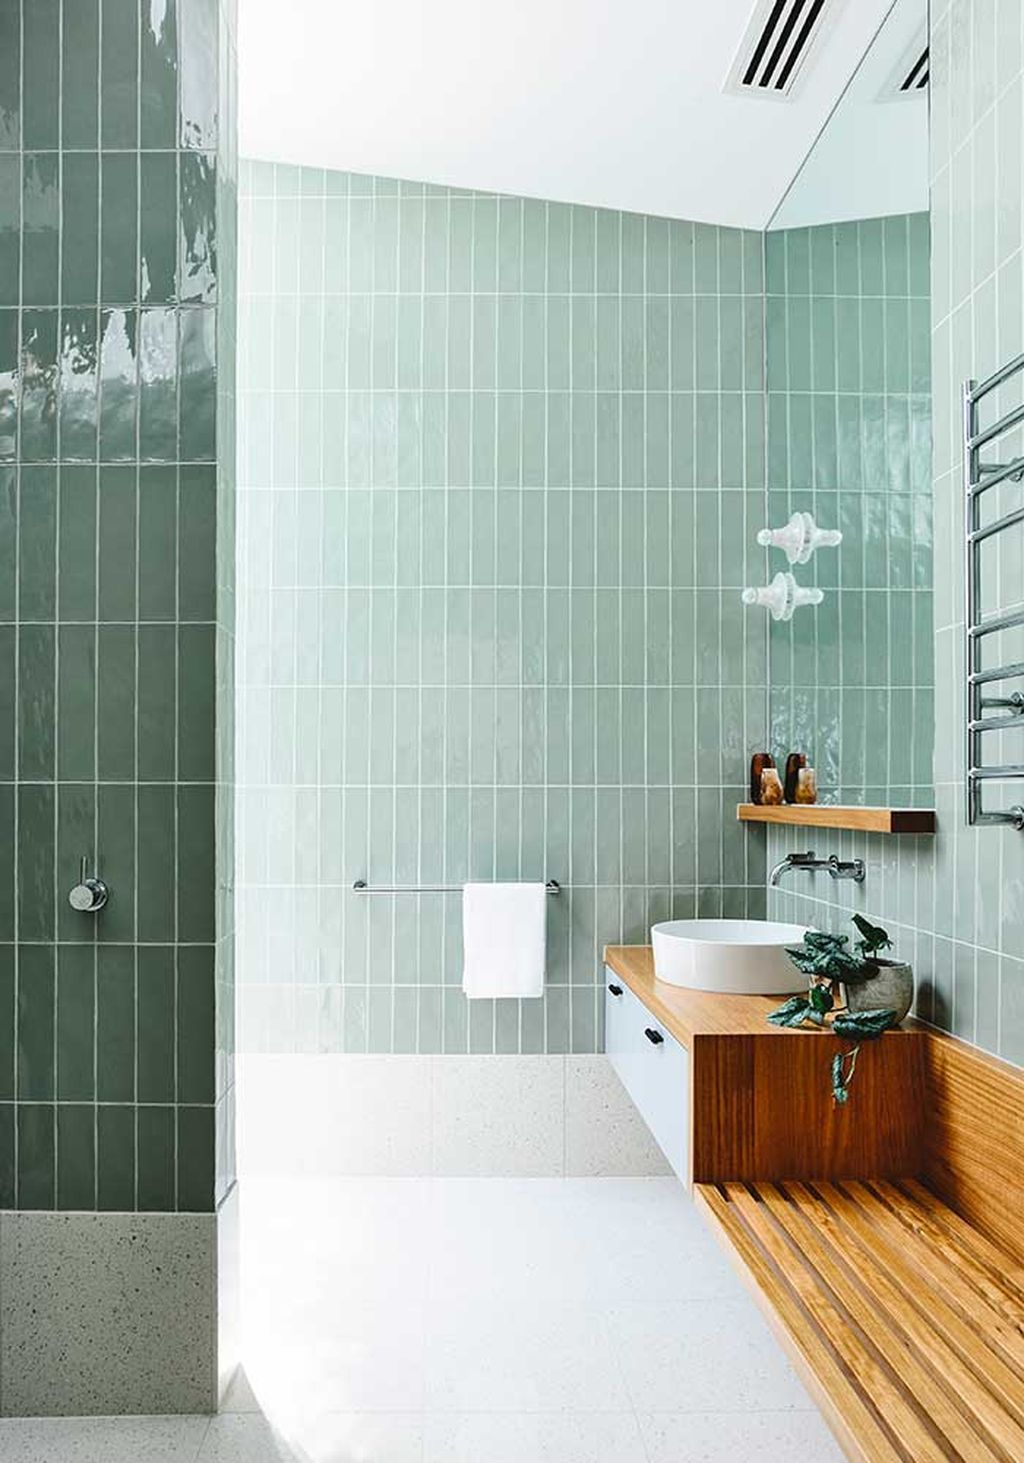 Heb jij een inloopdouche? Bofkont! Maak je badkamer dan compleet met ...